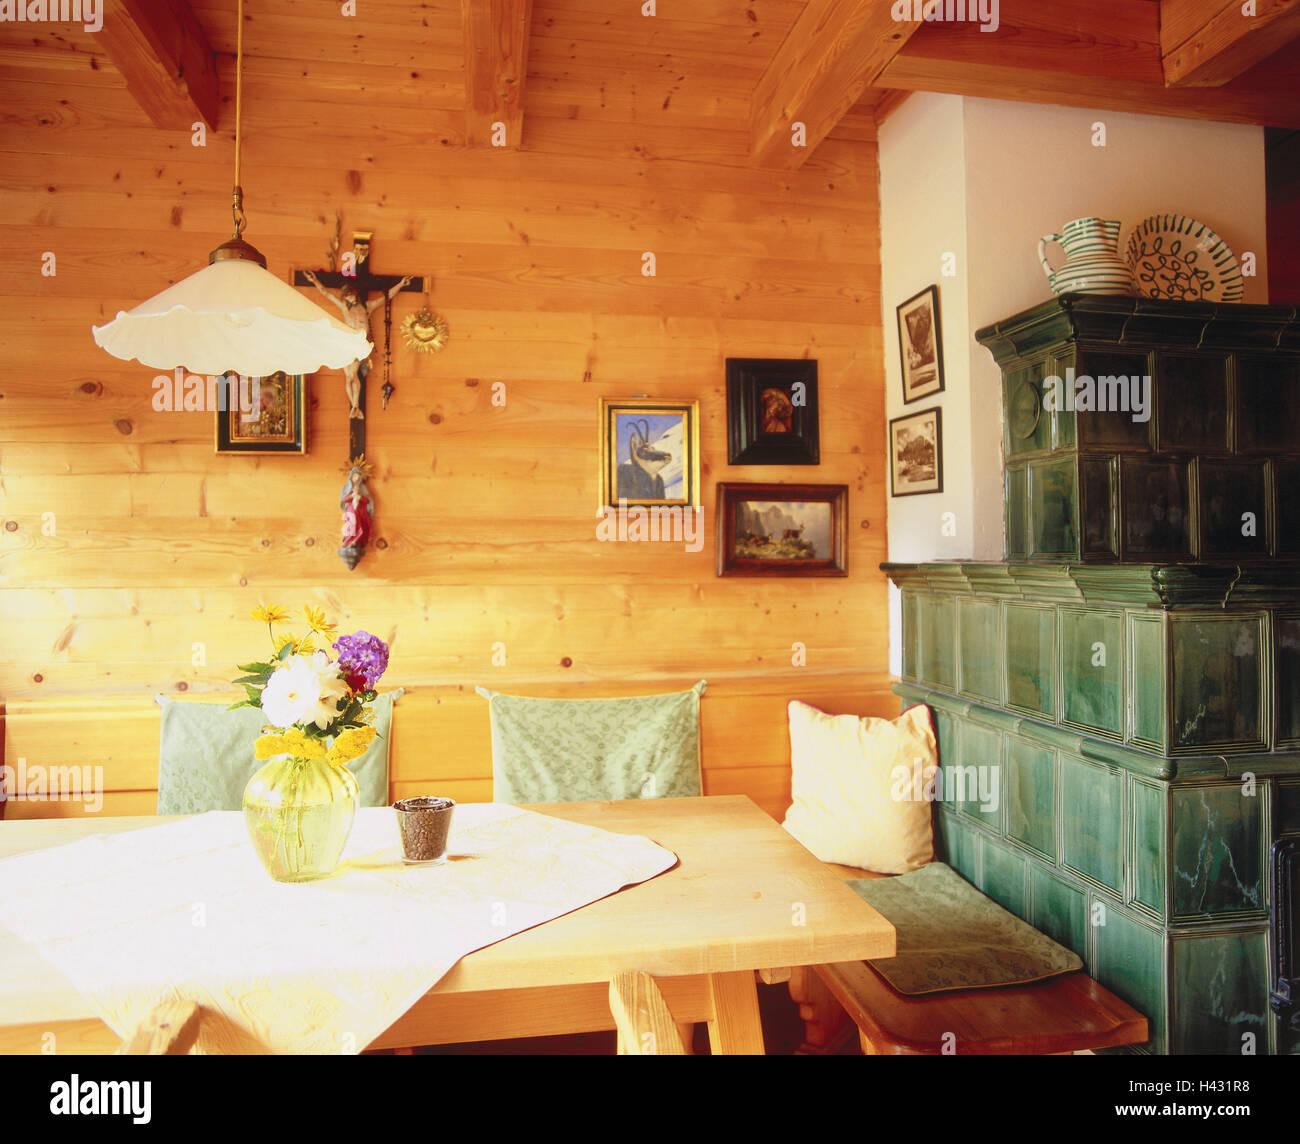 wohnraum kachelofen zimmer bauernstube k che wohnraum essecke eckbank esstisch holzteil. Black Bedroom Furniture Sets. Home Design Ideas